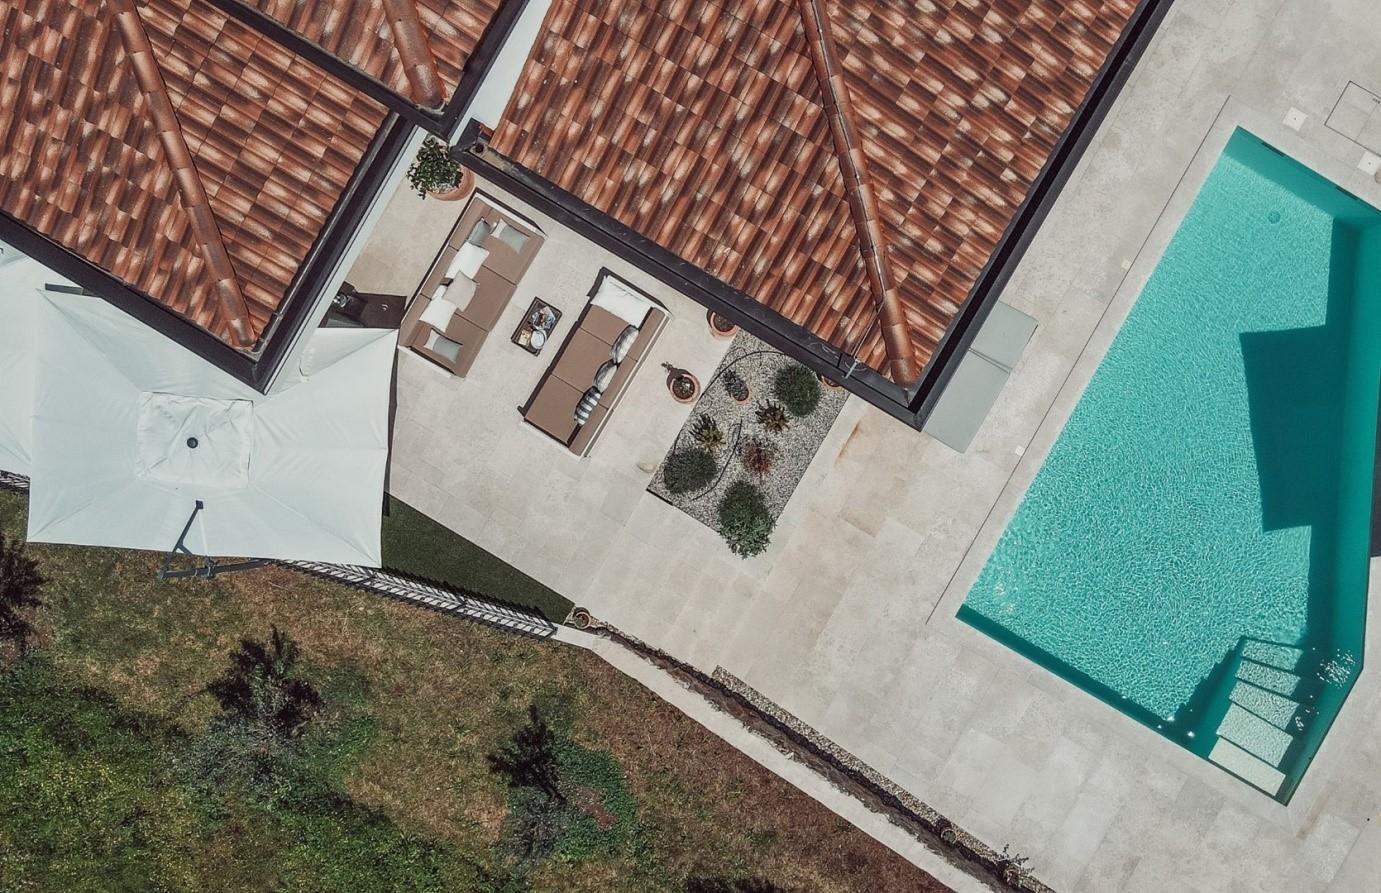 Agencija Contessa Villas zna kako zadiviti svoje klijente te im pružiti opuštajući odmor daleko od buke i svakodnevice